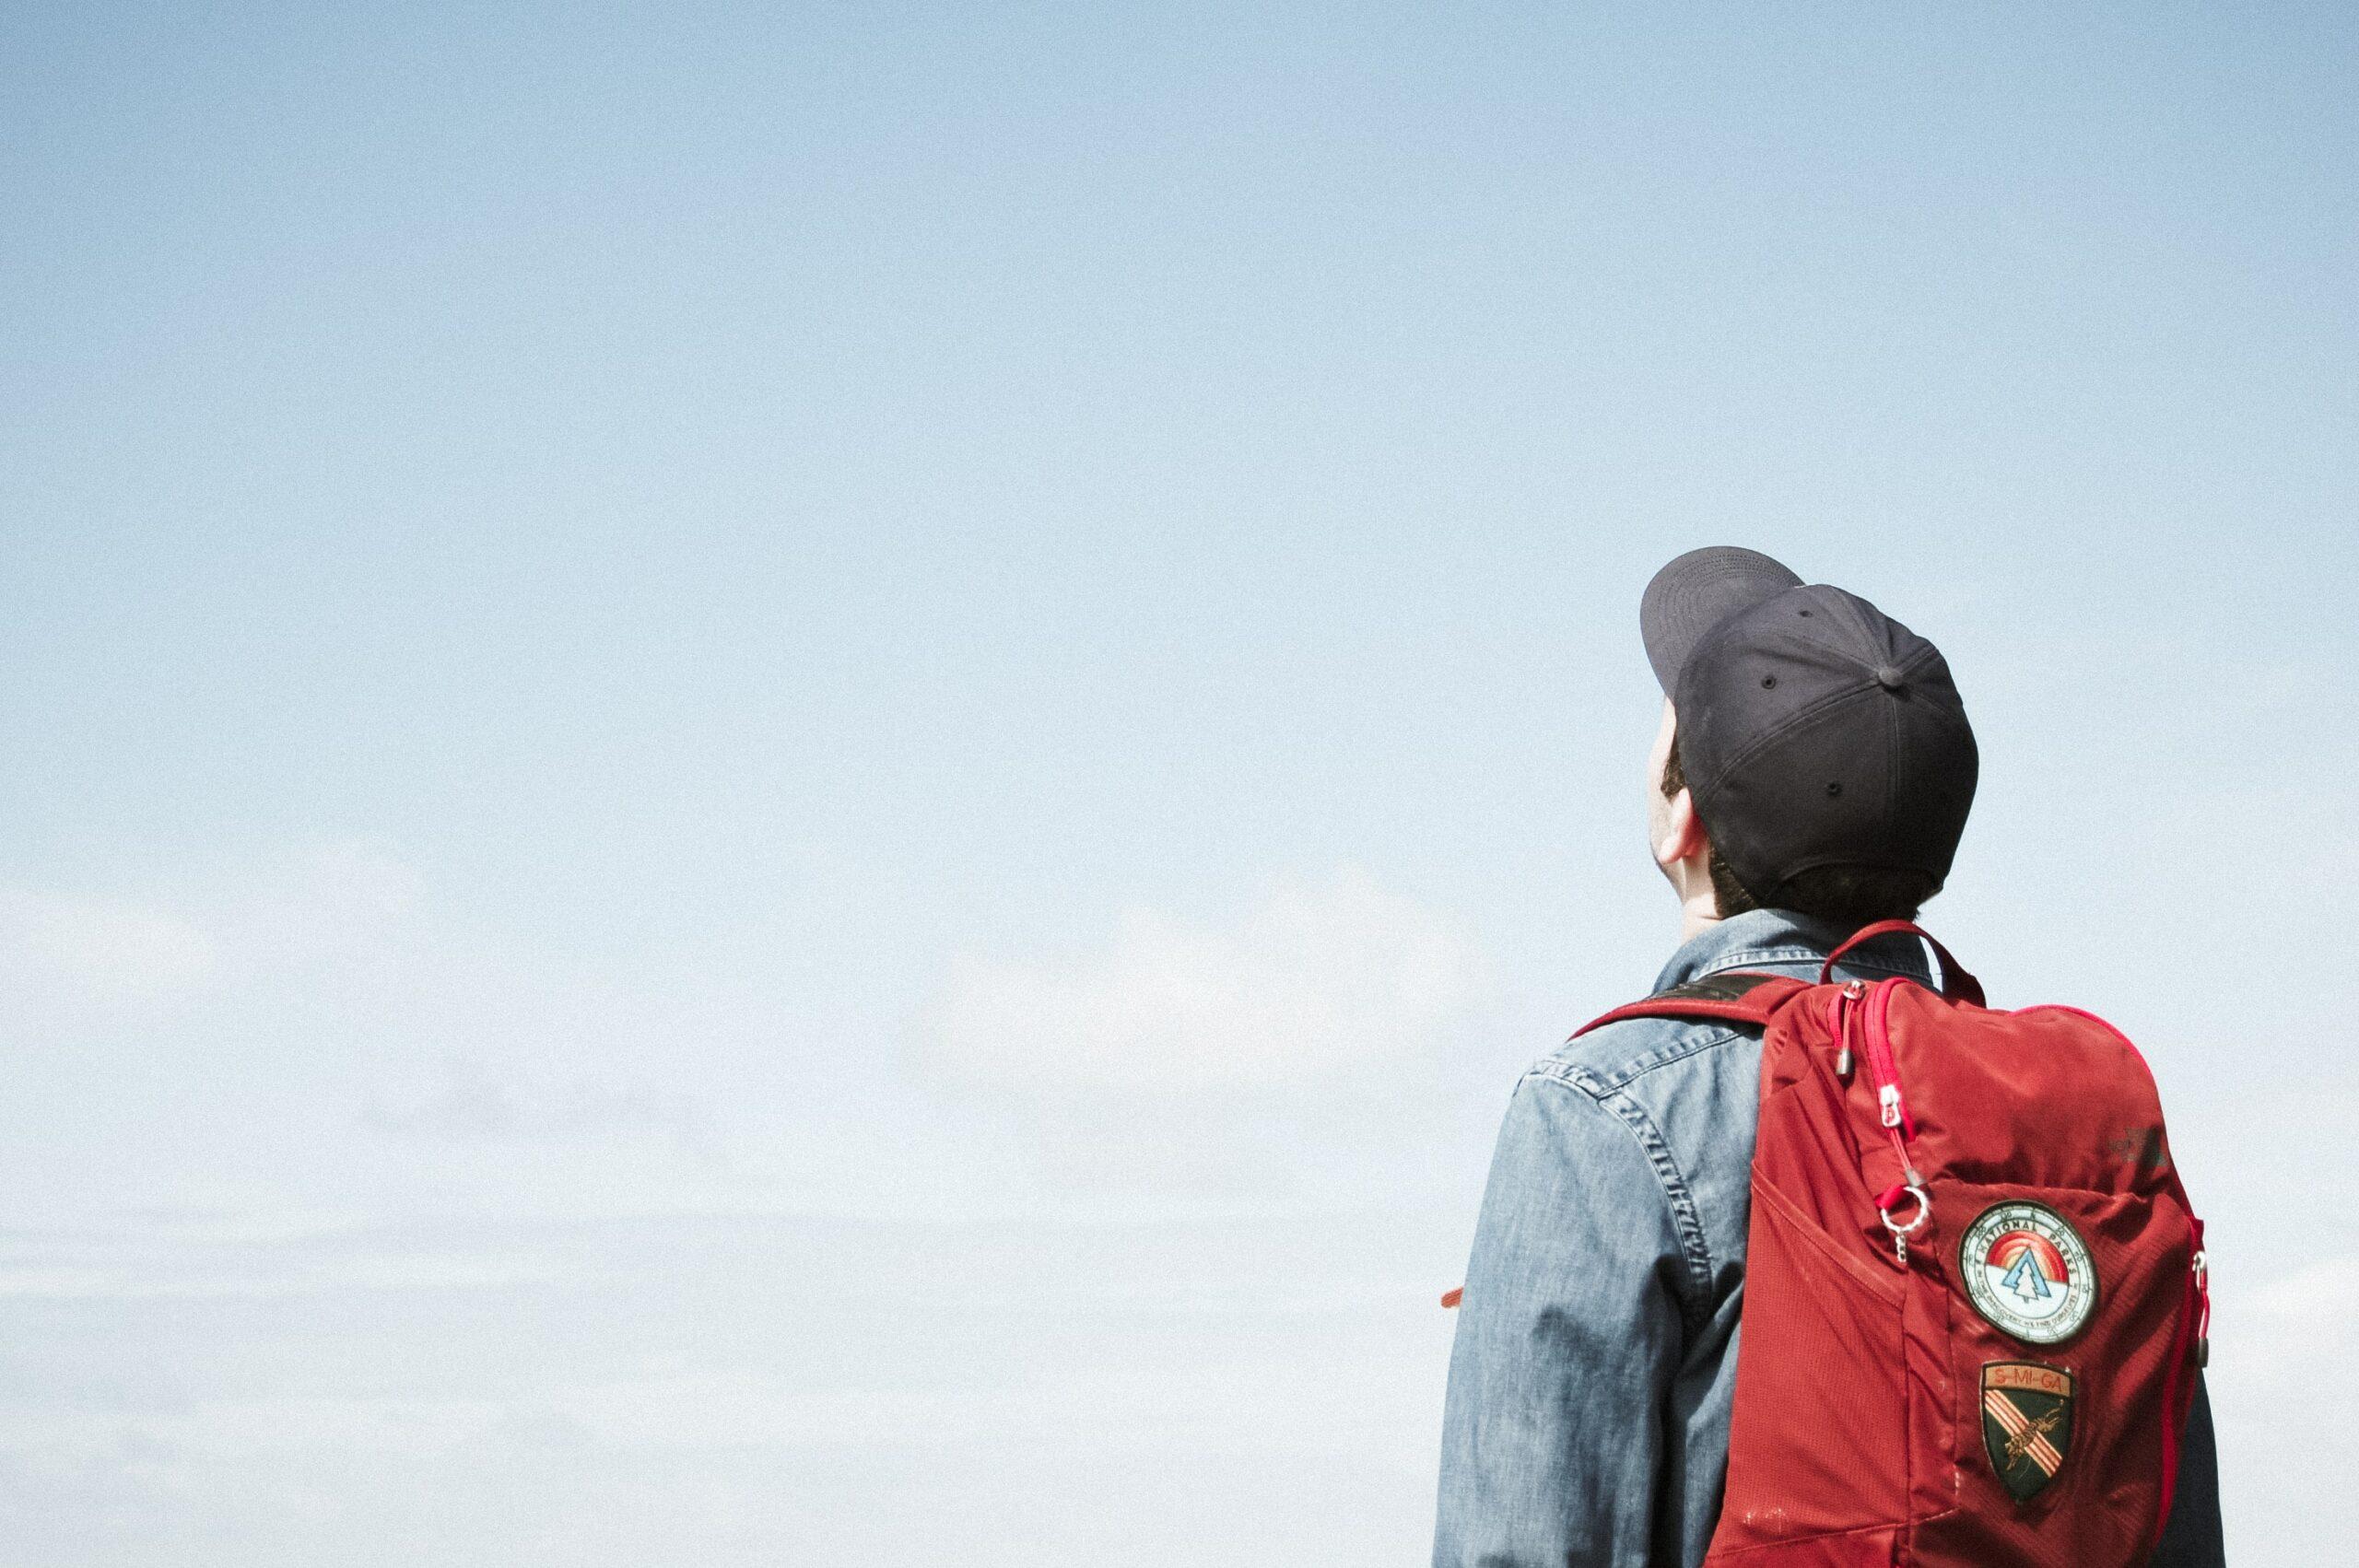 Poika katsoo siniselle taivaalle punainen reppu selässään.